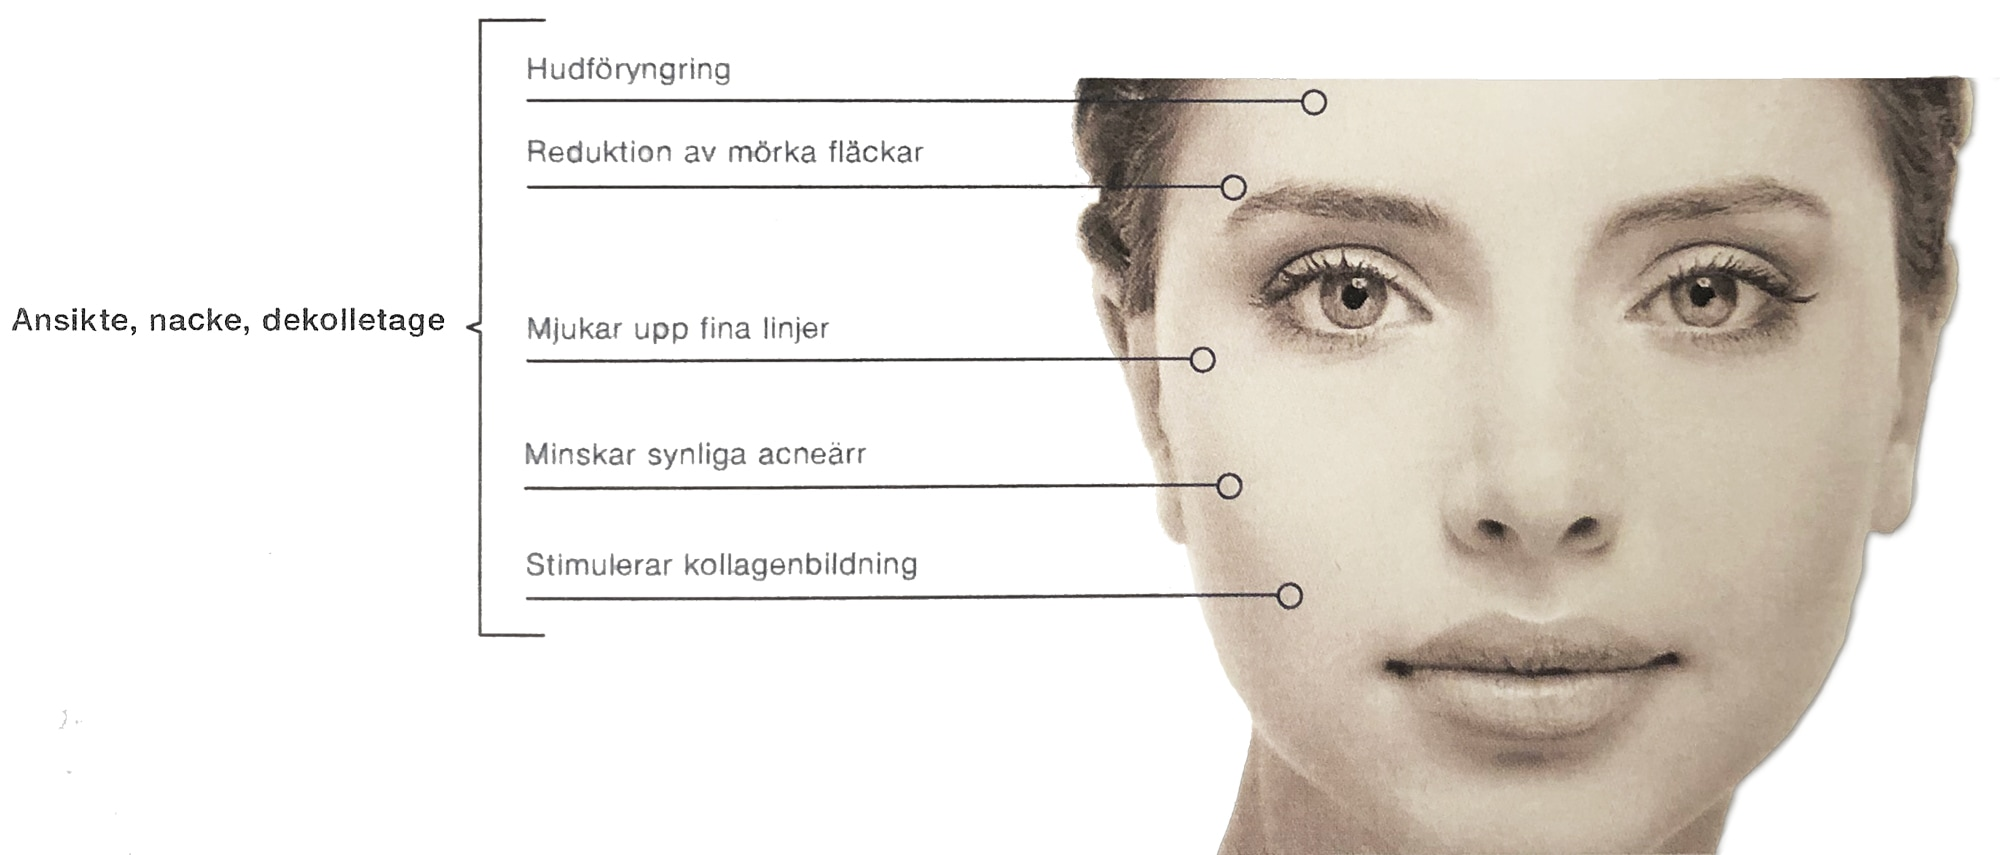 Bild med förklaring av microneedeling proceduren